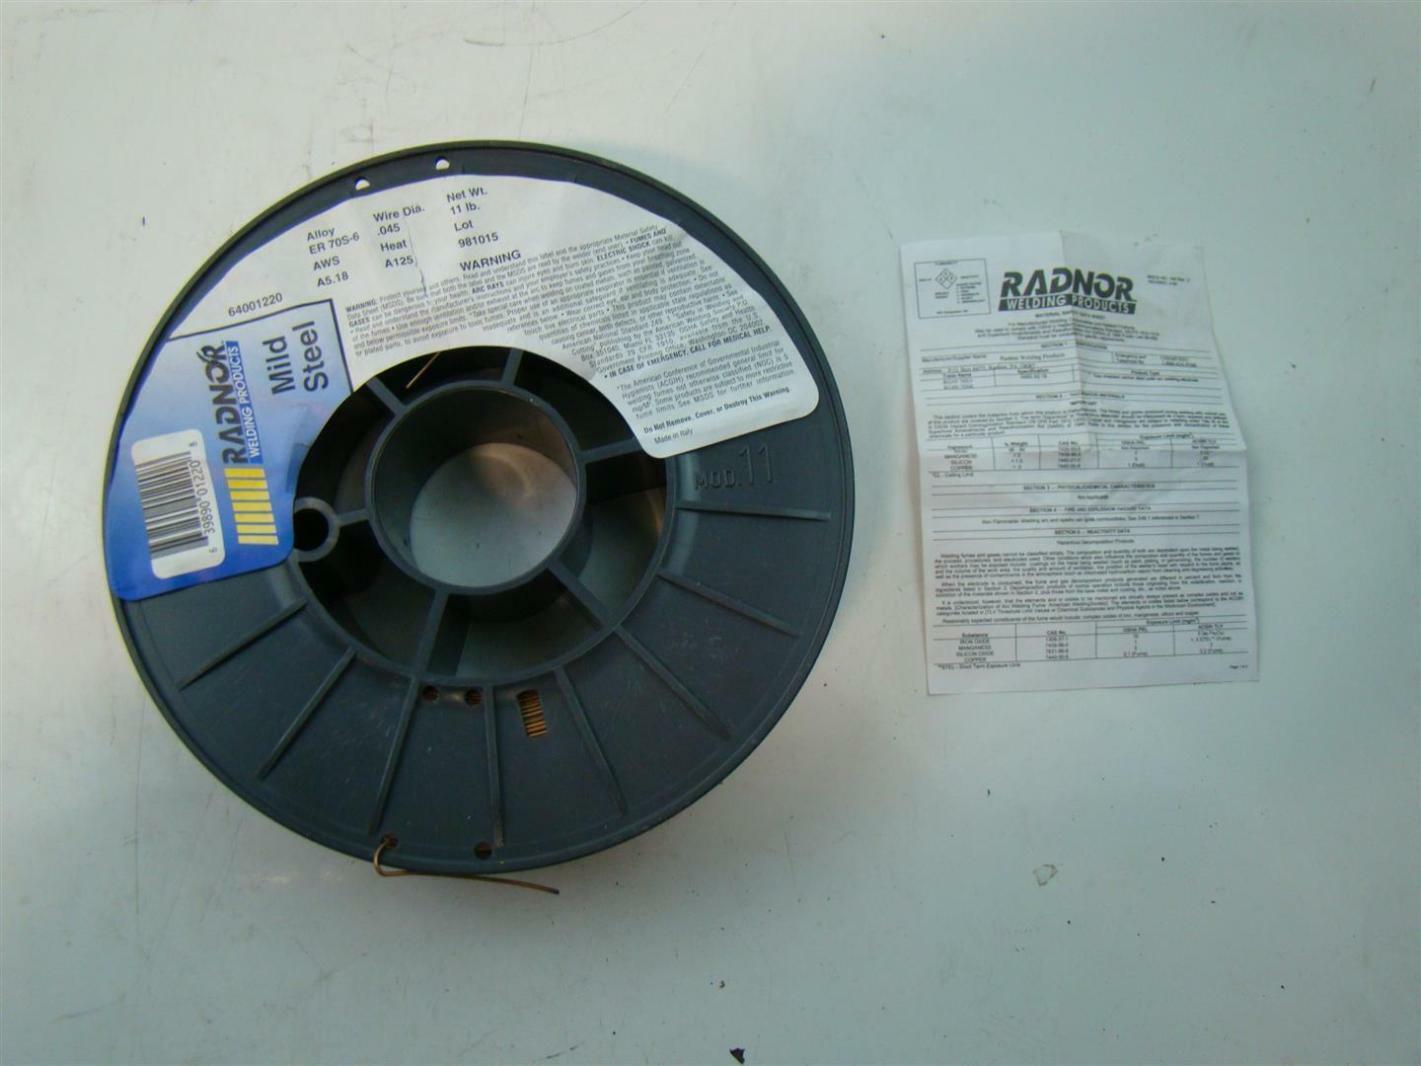 Radnor Welding Products Mild Steel 64001220 .045 Wire Dia. 981015 ...